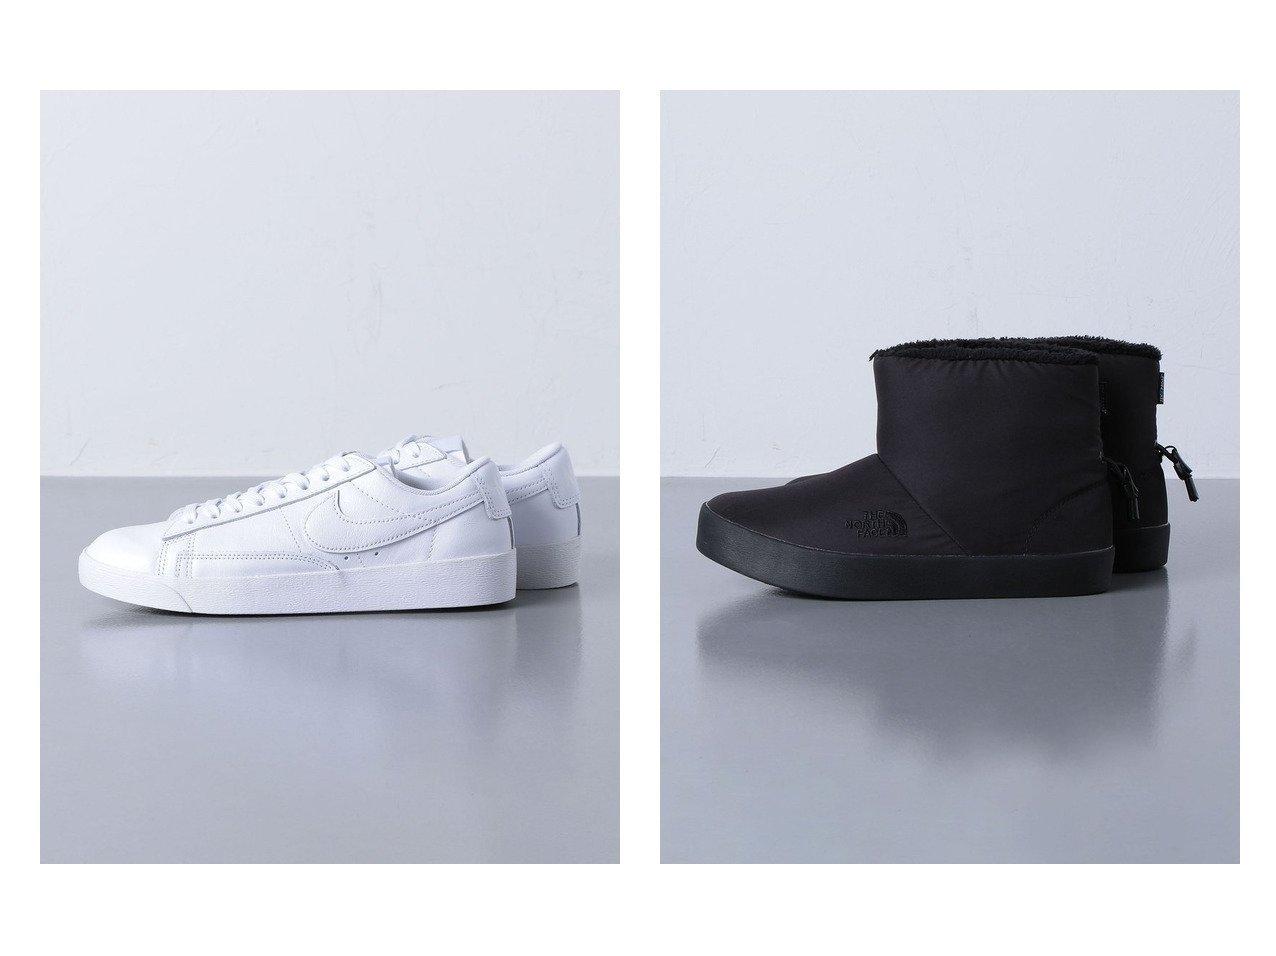 【UNITED ARROWS/ユナイテッドアローズ】のNOMAD ショート ブーティ&ブレーザー LOW LTHR スニーカー シューズ・靴のおすすめ!人気、トレンド・レディースファッションの通販 おすすめで人気の流行・トレンド、ファッションの通販商品 メンズファッション・キッズファッション・インテリア・家具・レディースファッション・服の通販 founy(ファニー) https://founy.com/ ファッション Fashion レディースファッション WOMEN クラシック シューズ シンプル スニーカー スリッポン アウトドア ショート フィット ブーティ 人気 定番 |ID:crp329100000009787